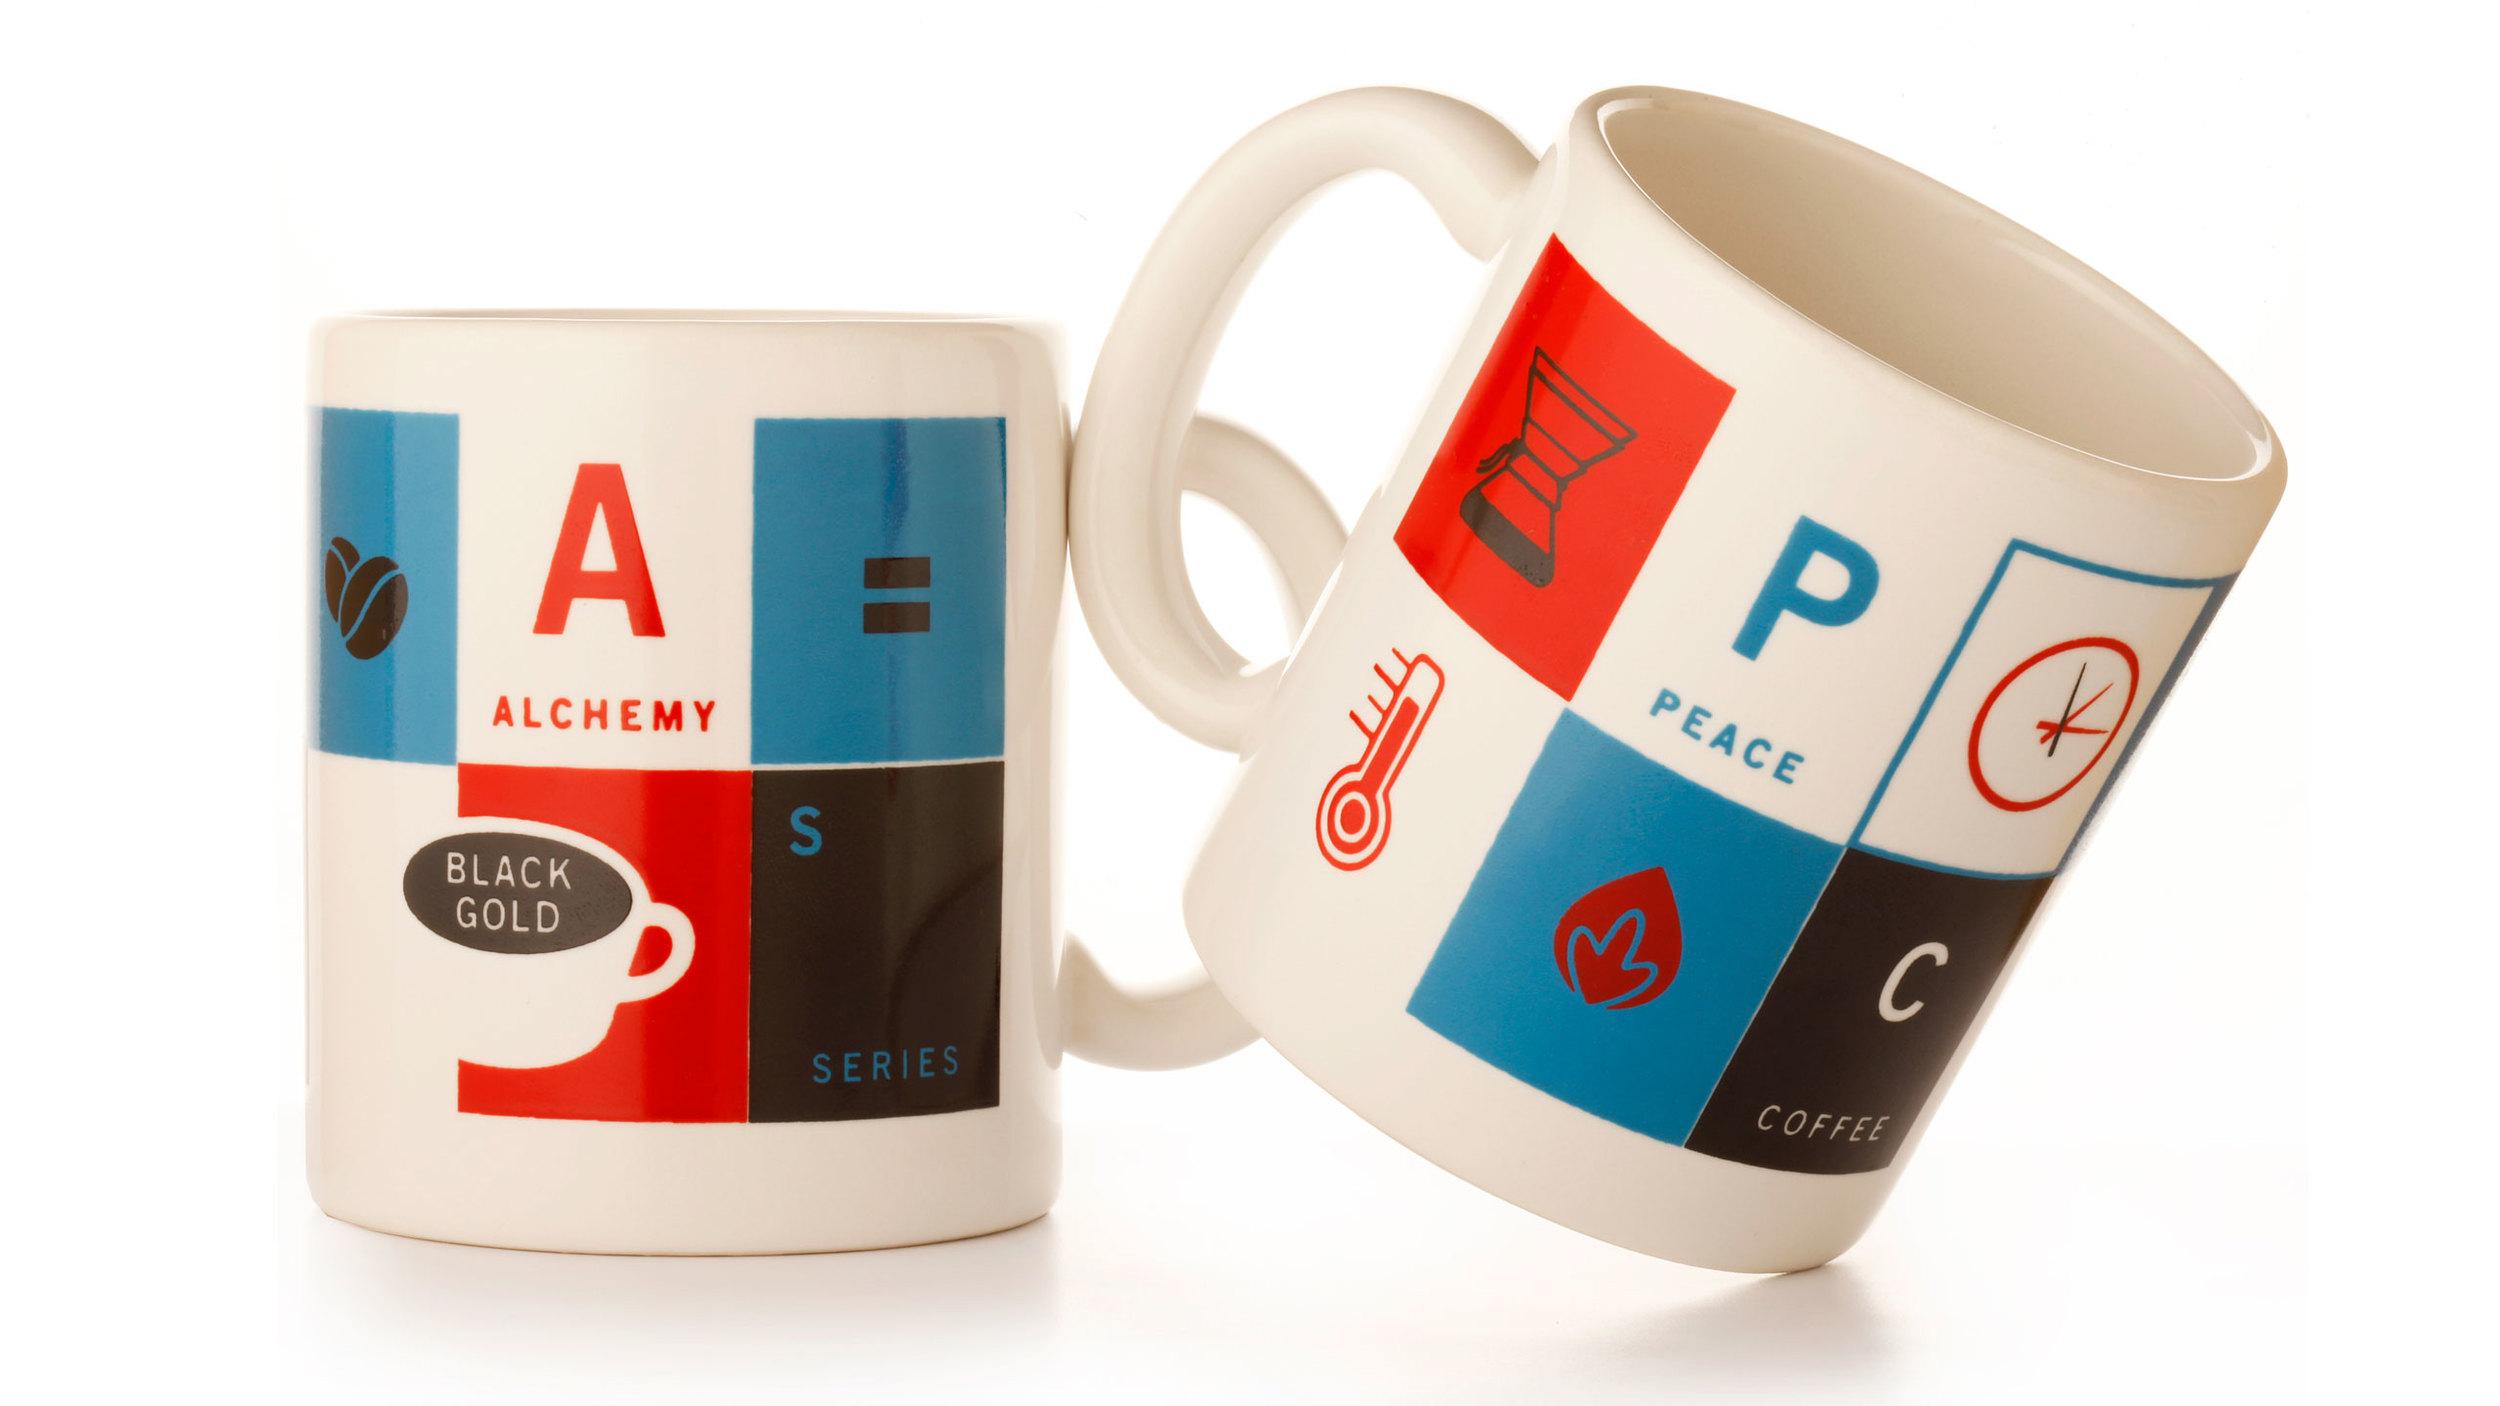 Alchemy-mugs2_rff.jpg